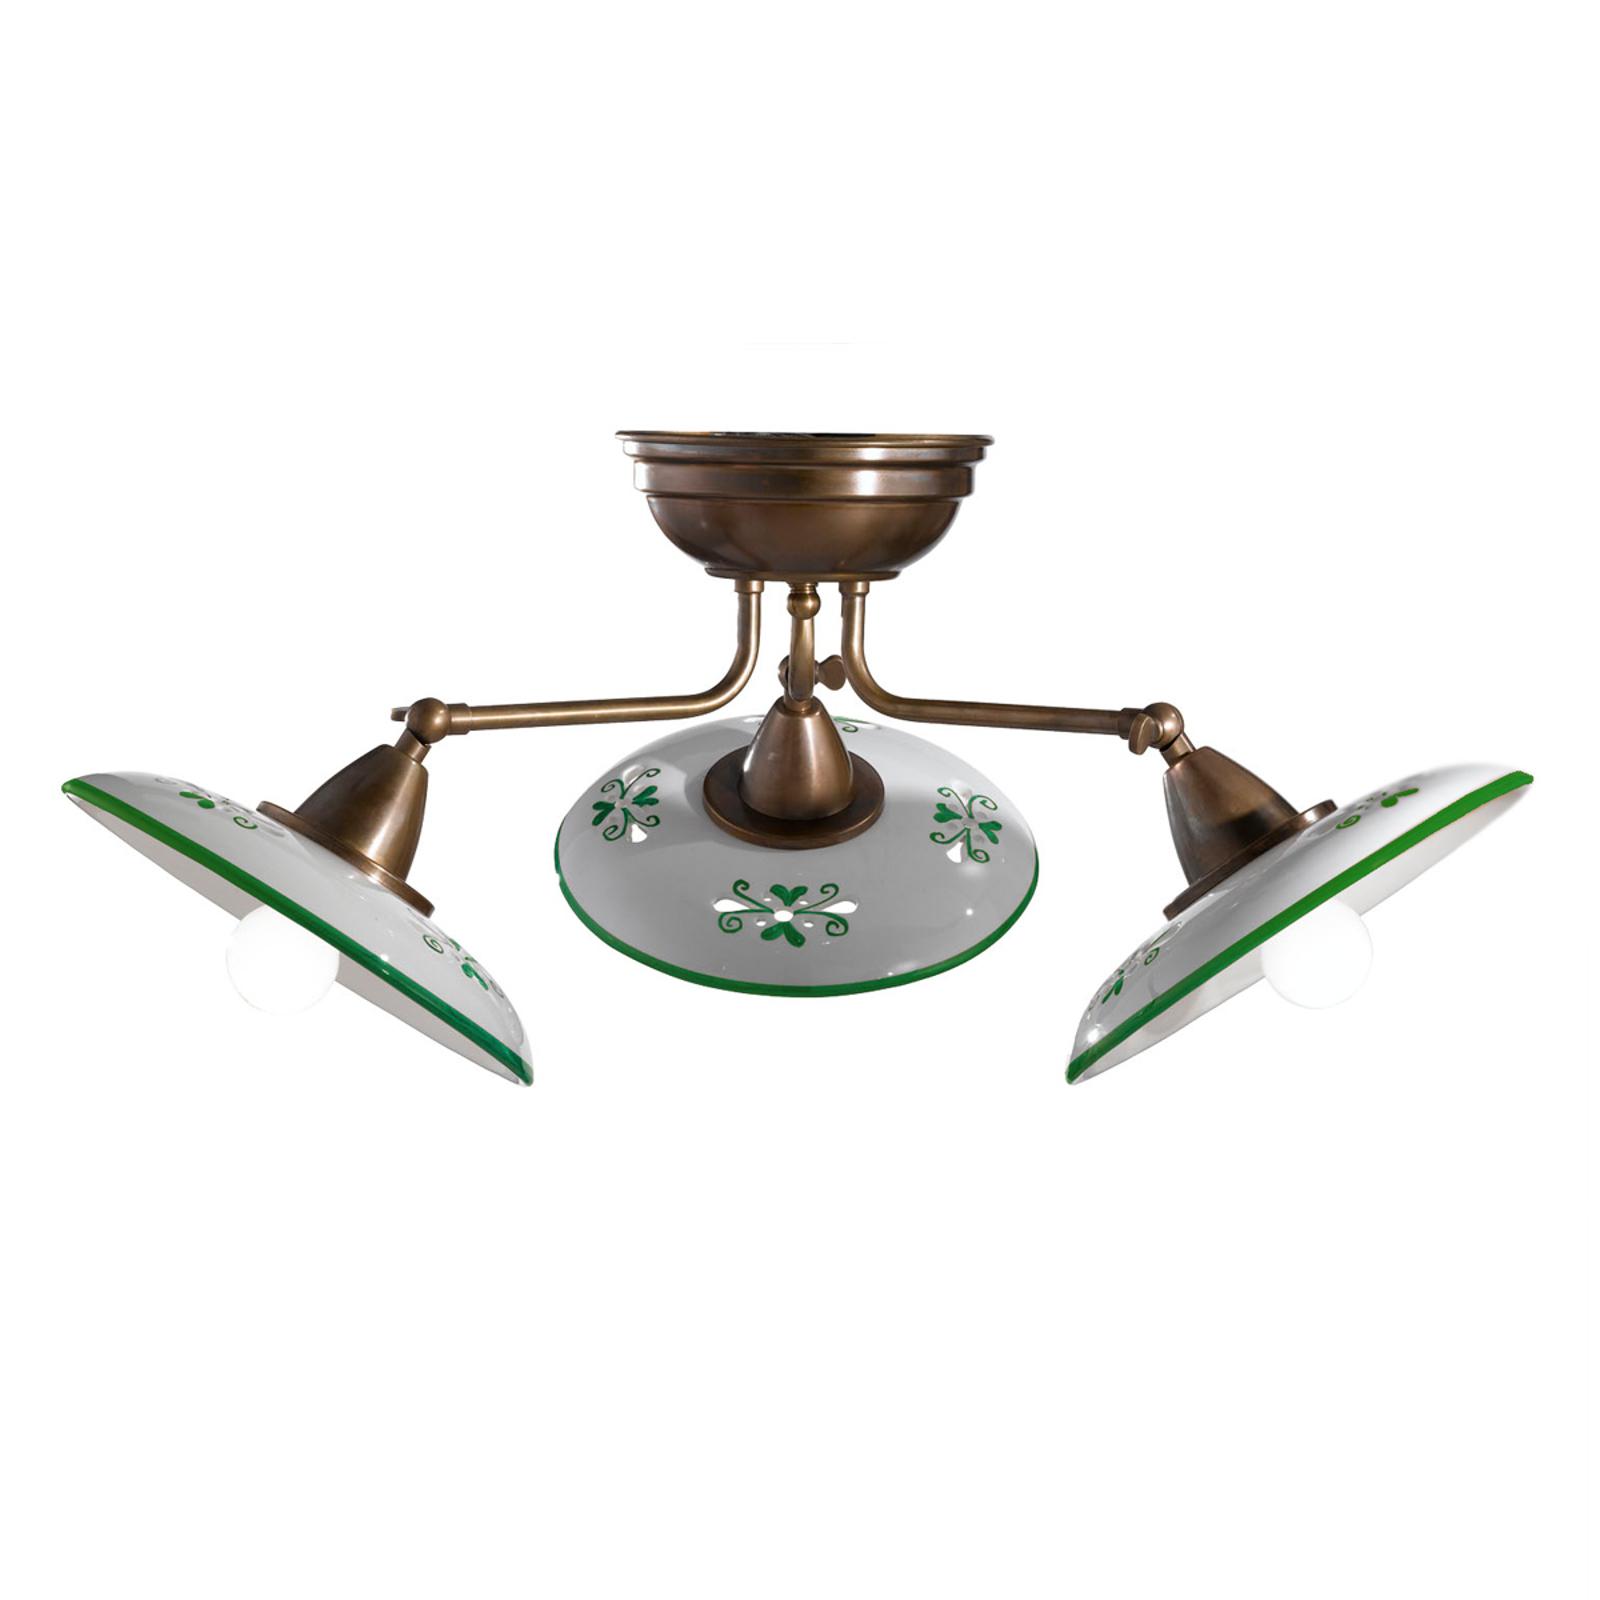 Bassano - dreiflammige Keramik-Deckenleuchte, grün